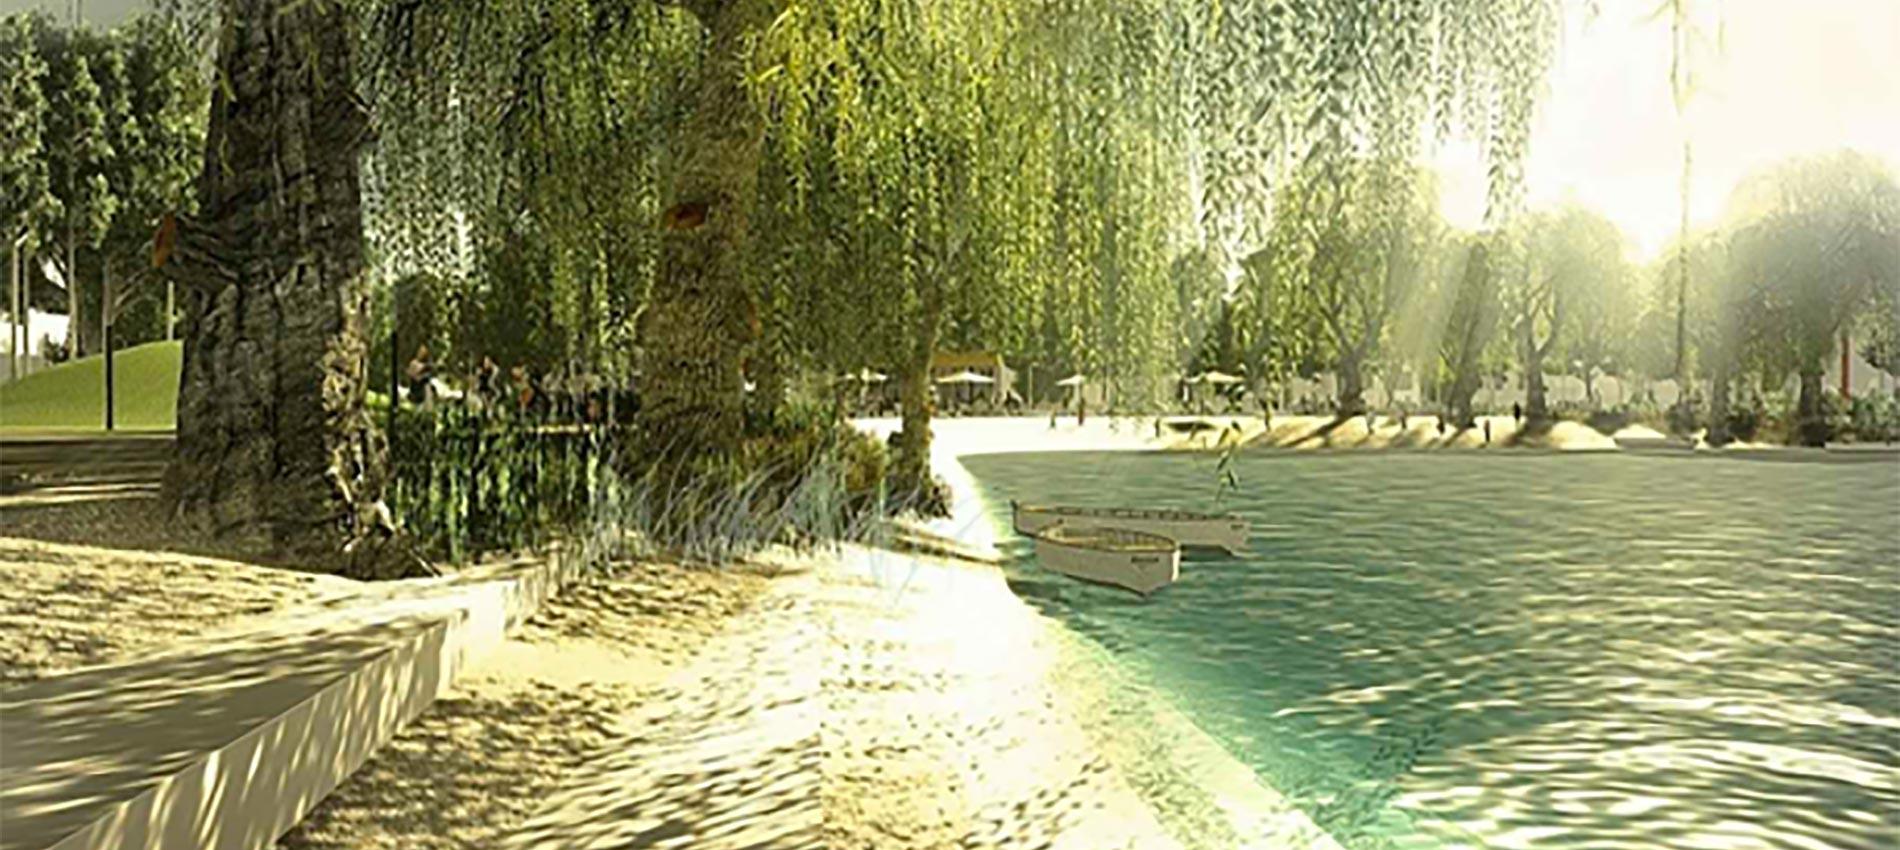 Bratislava bude mať nové jazero s plážami - Do roky chátrajúcej lokality Starého letiska v mestskej časti Vajnory sa konečne môže vrátiť život. Skupina Nordic Investors, ktorá pozemok získala minulý rok, pripravuje projekt pre výstavbu unikátneho jazera. Hlavnému mestu prinesie oddychové a športové zóny, ktoré jeho obyvateľom chýbajú.